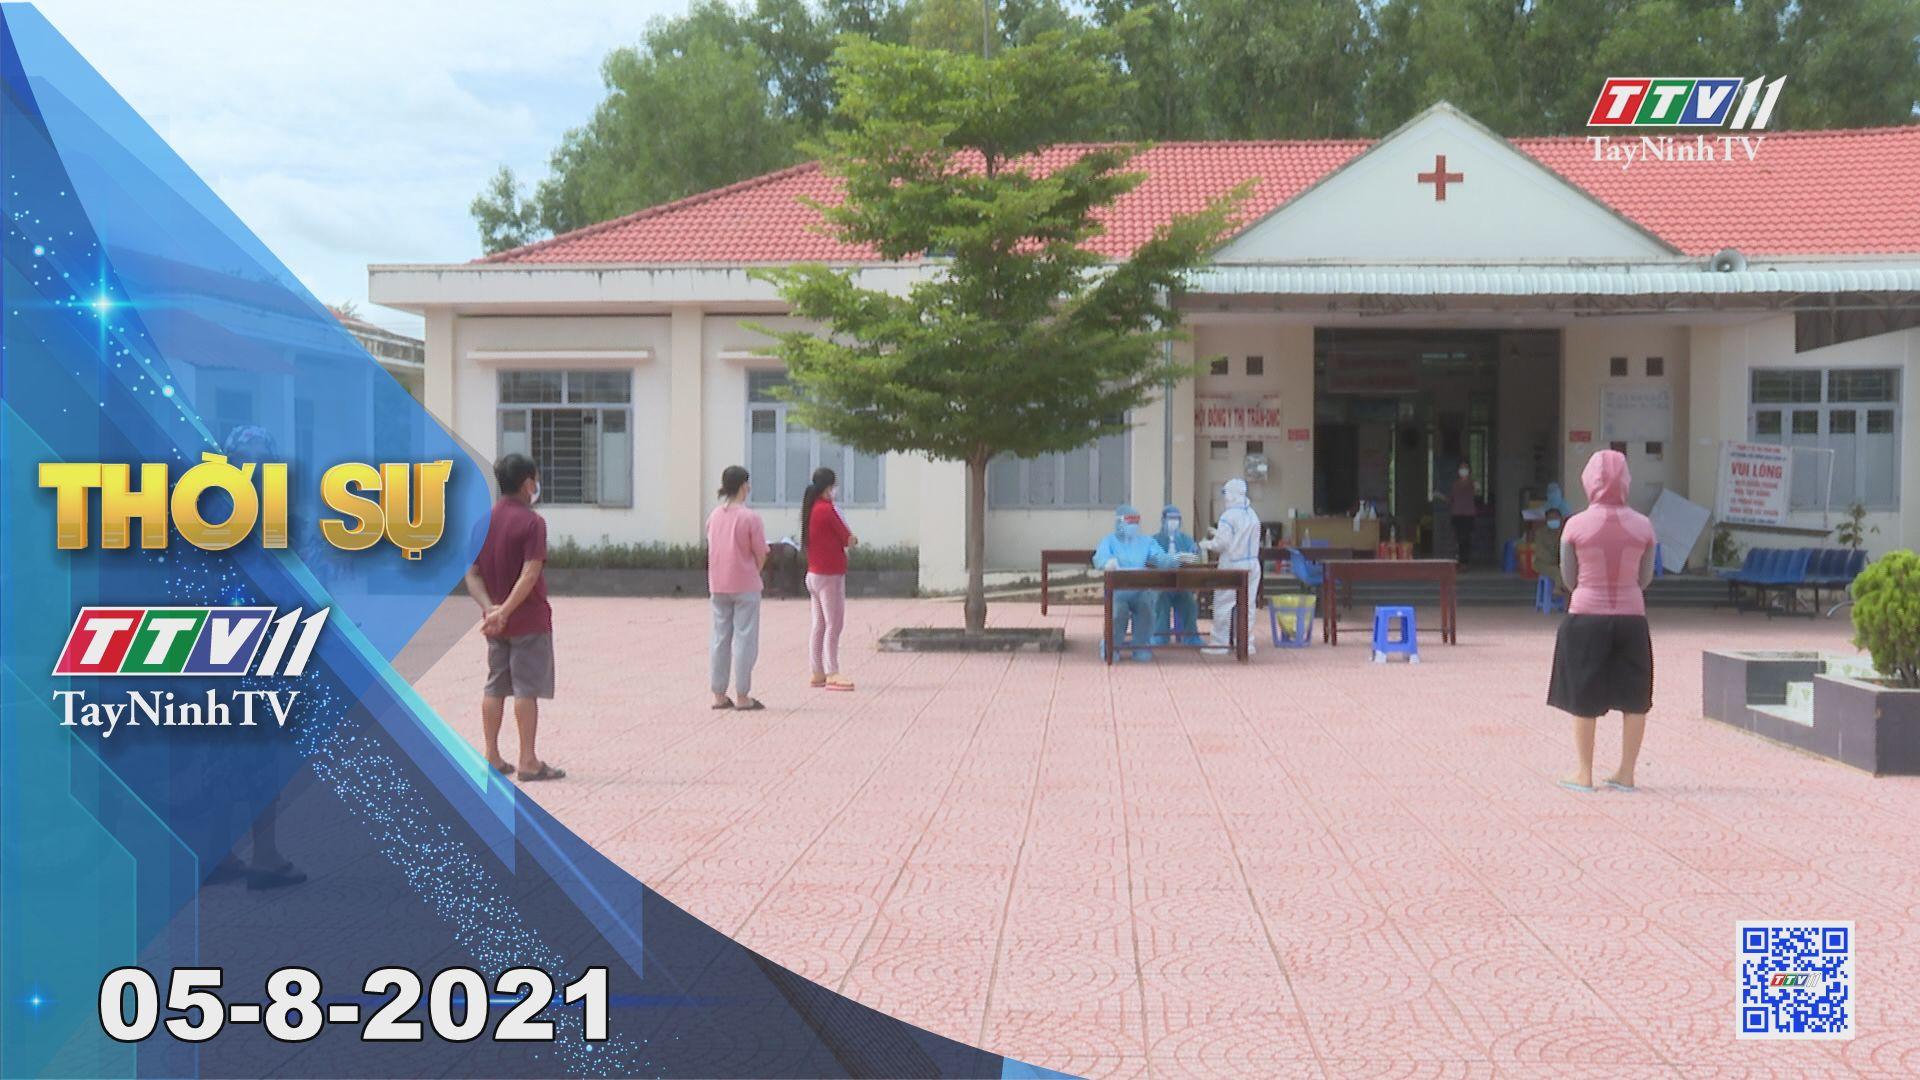 Thời sự Tây Ninh 05-8-2021 | Tin tức hôm nay | TayNinhTV